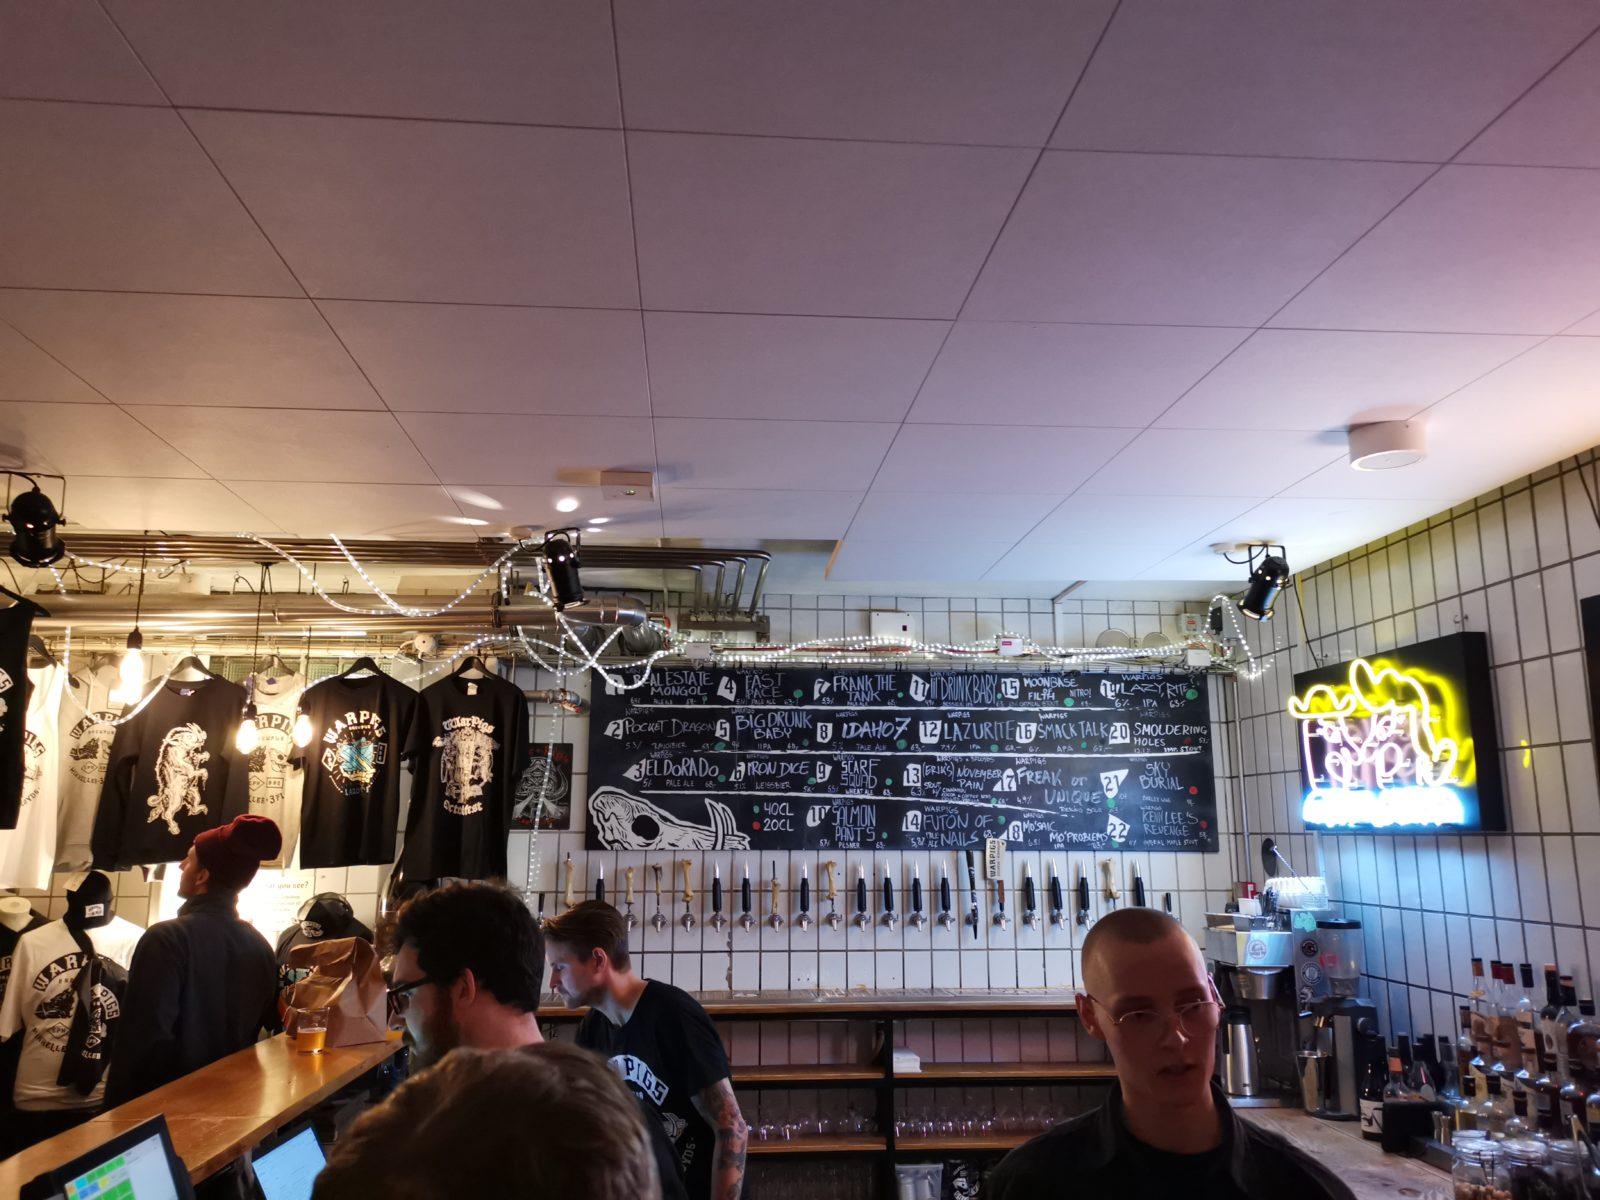 Mikkeller beers at Warpigs Copenhagen